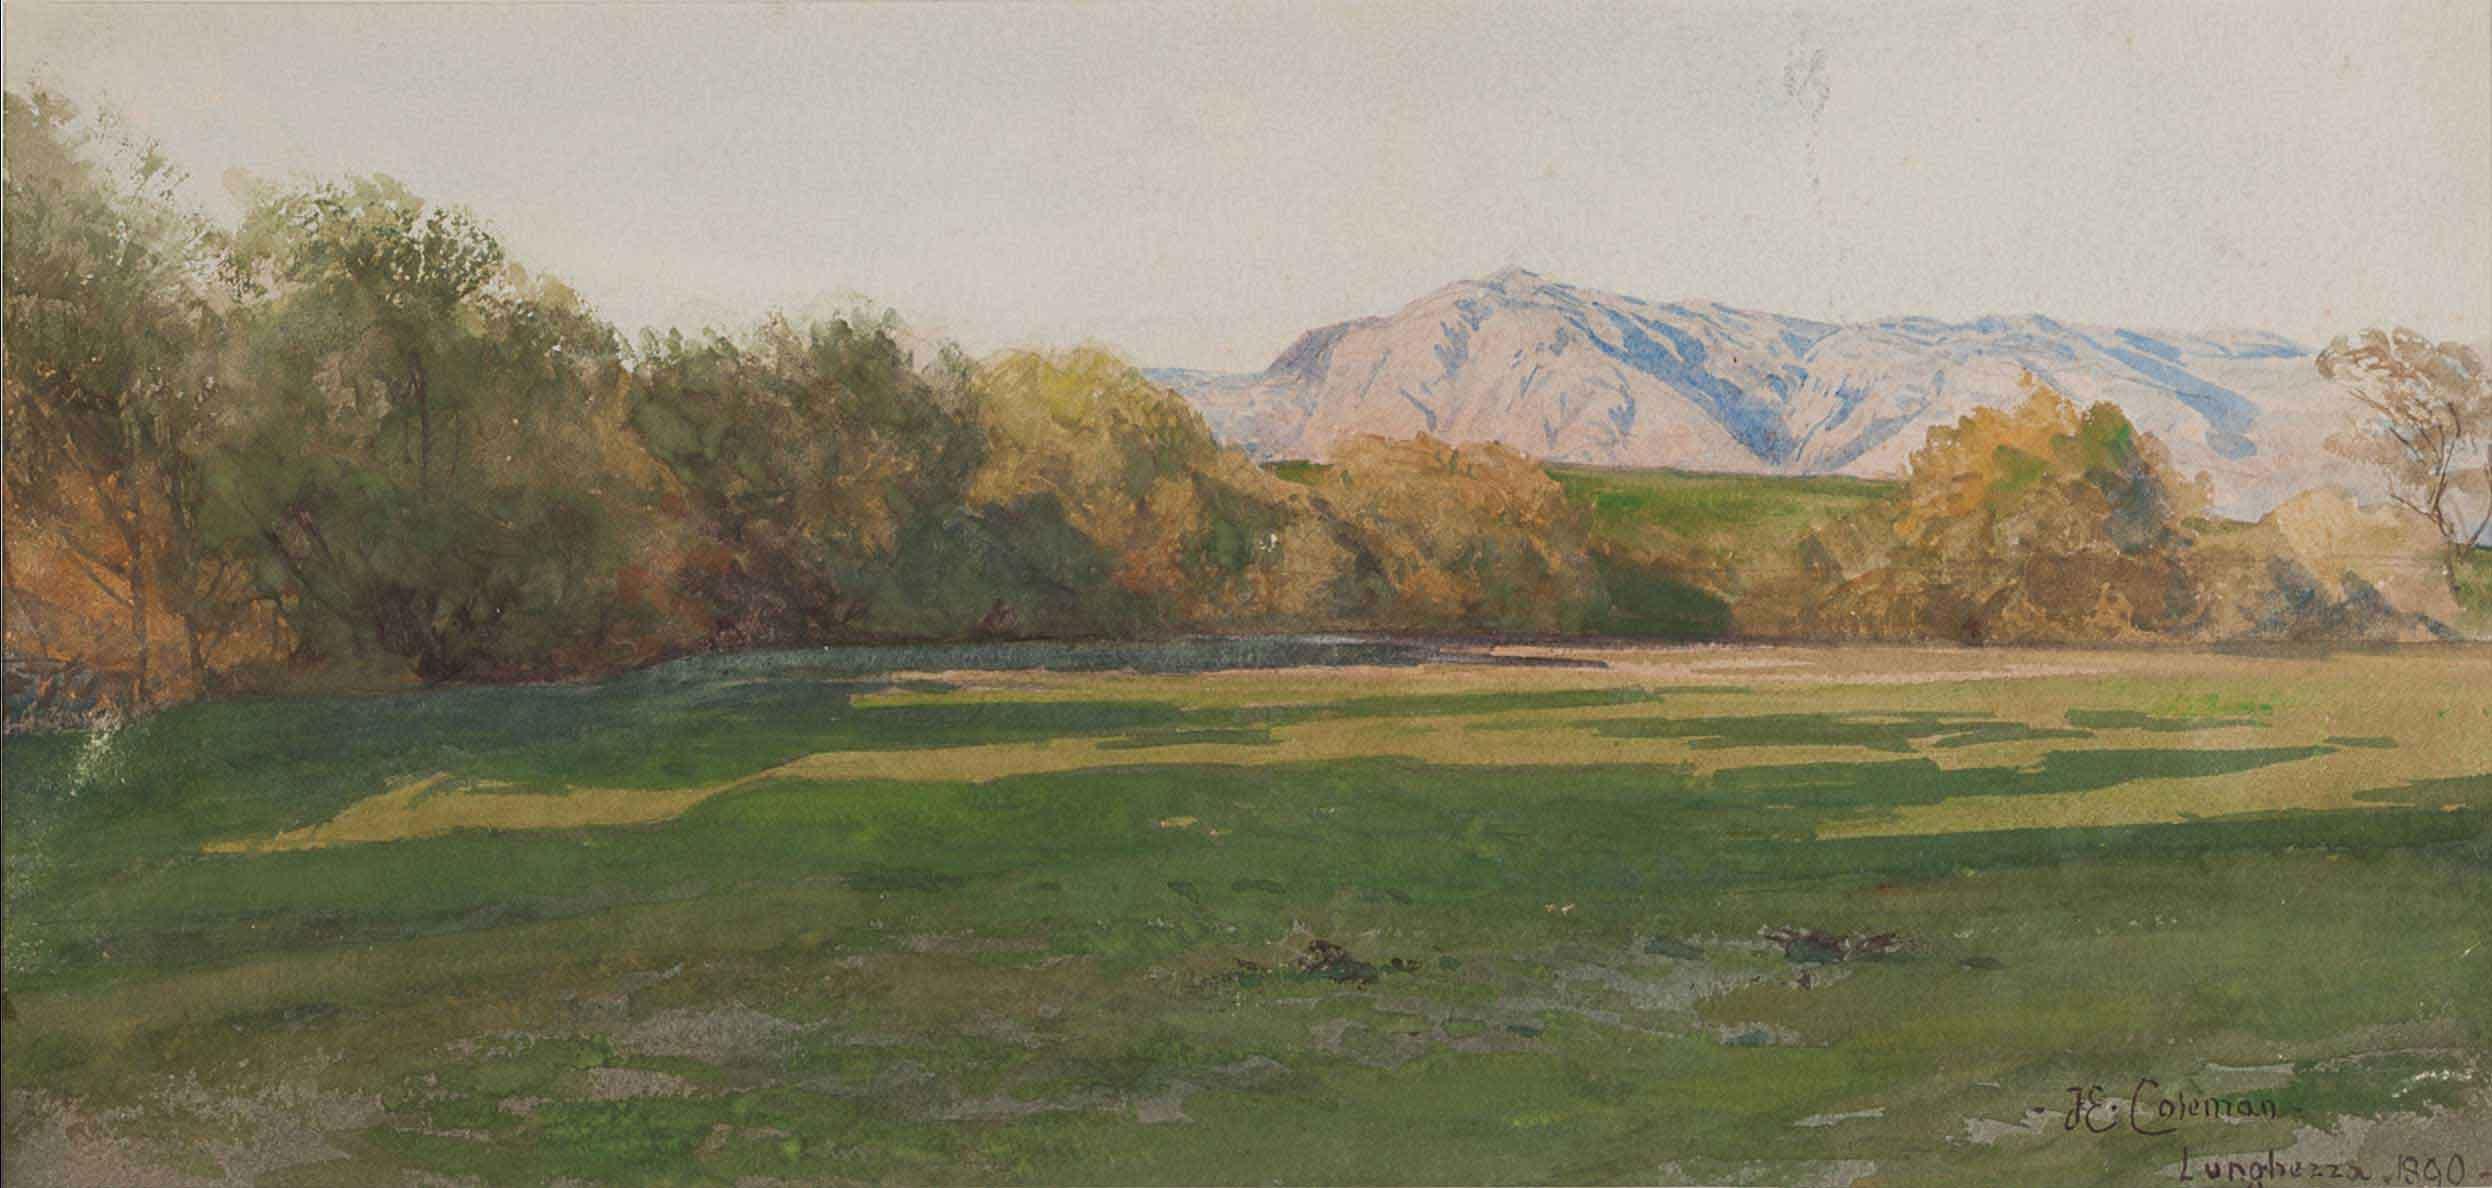 Lunghezza, 1890